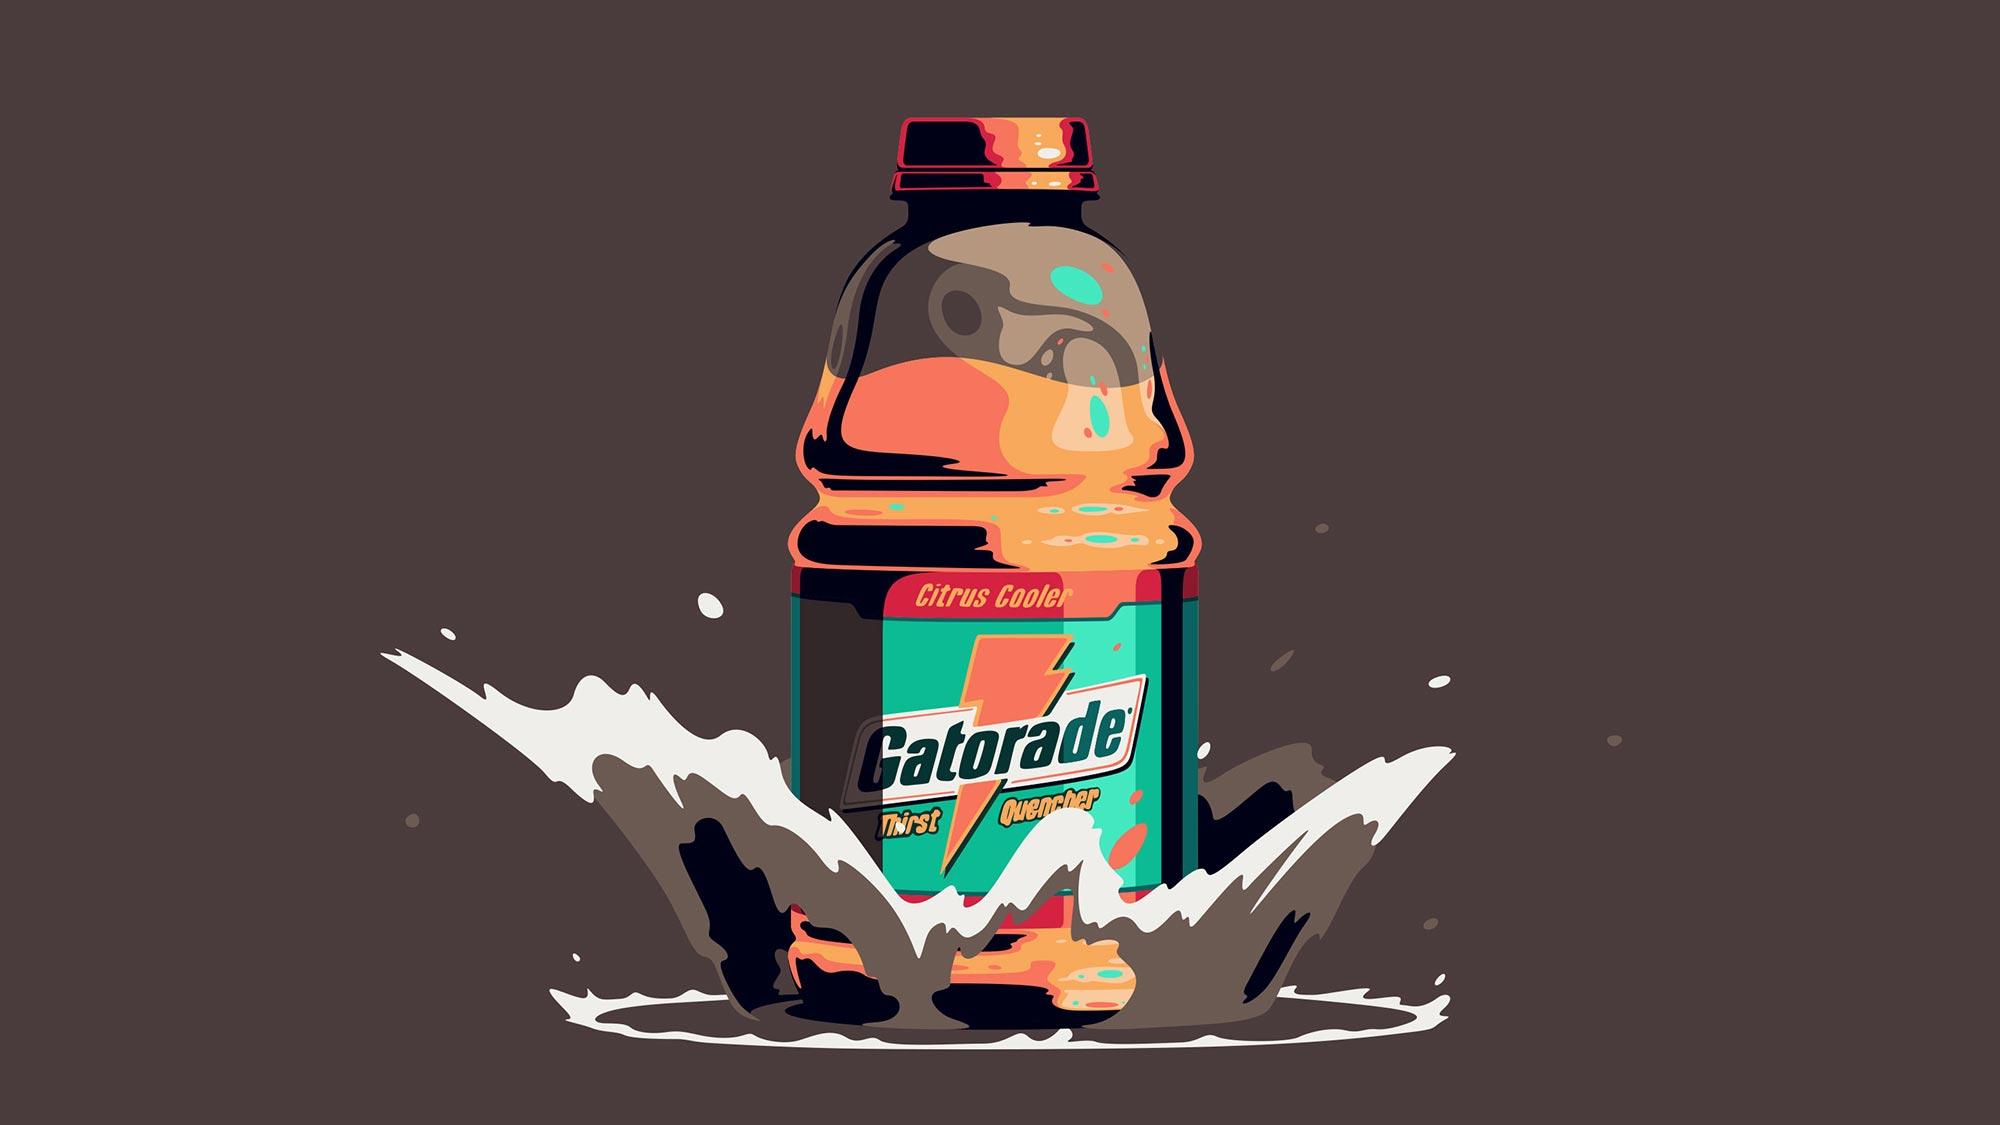 GATORADE_07